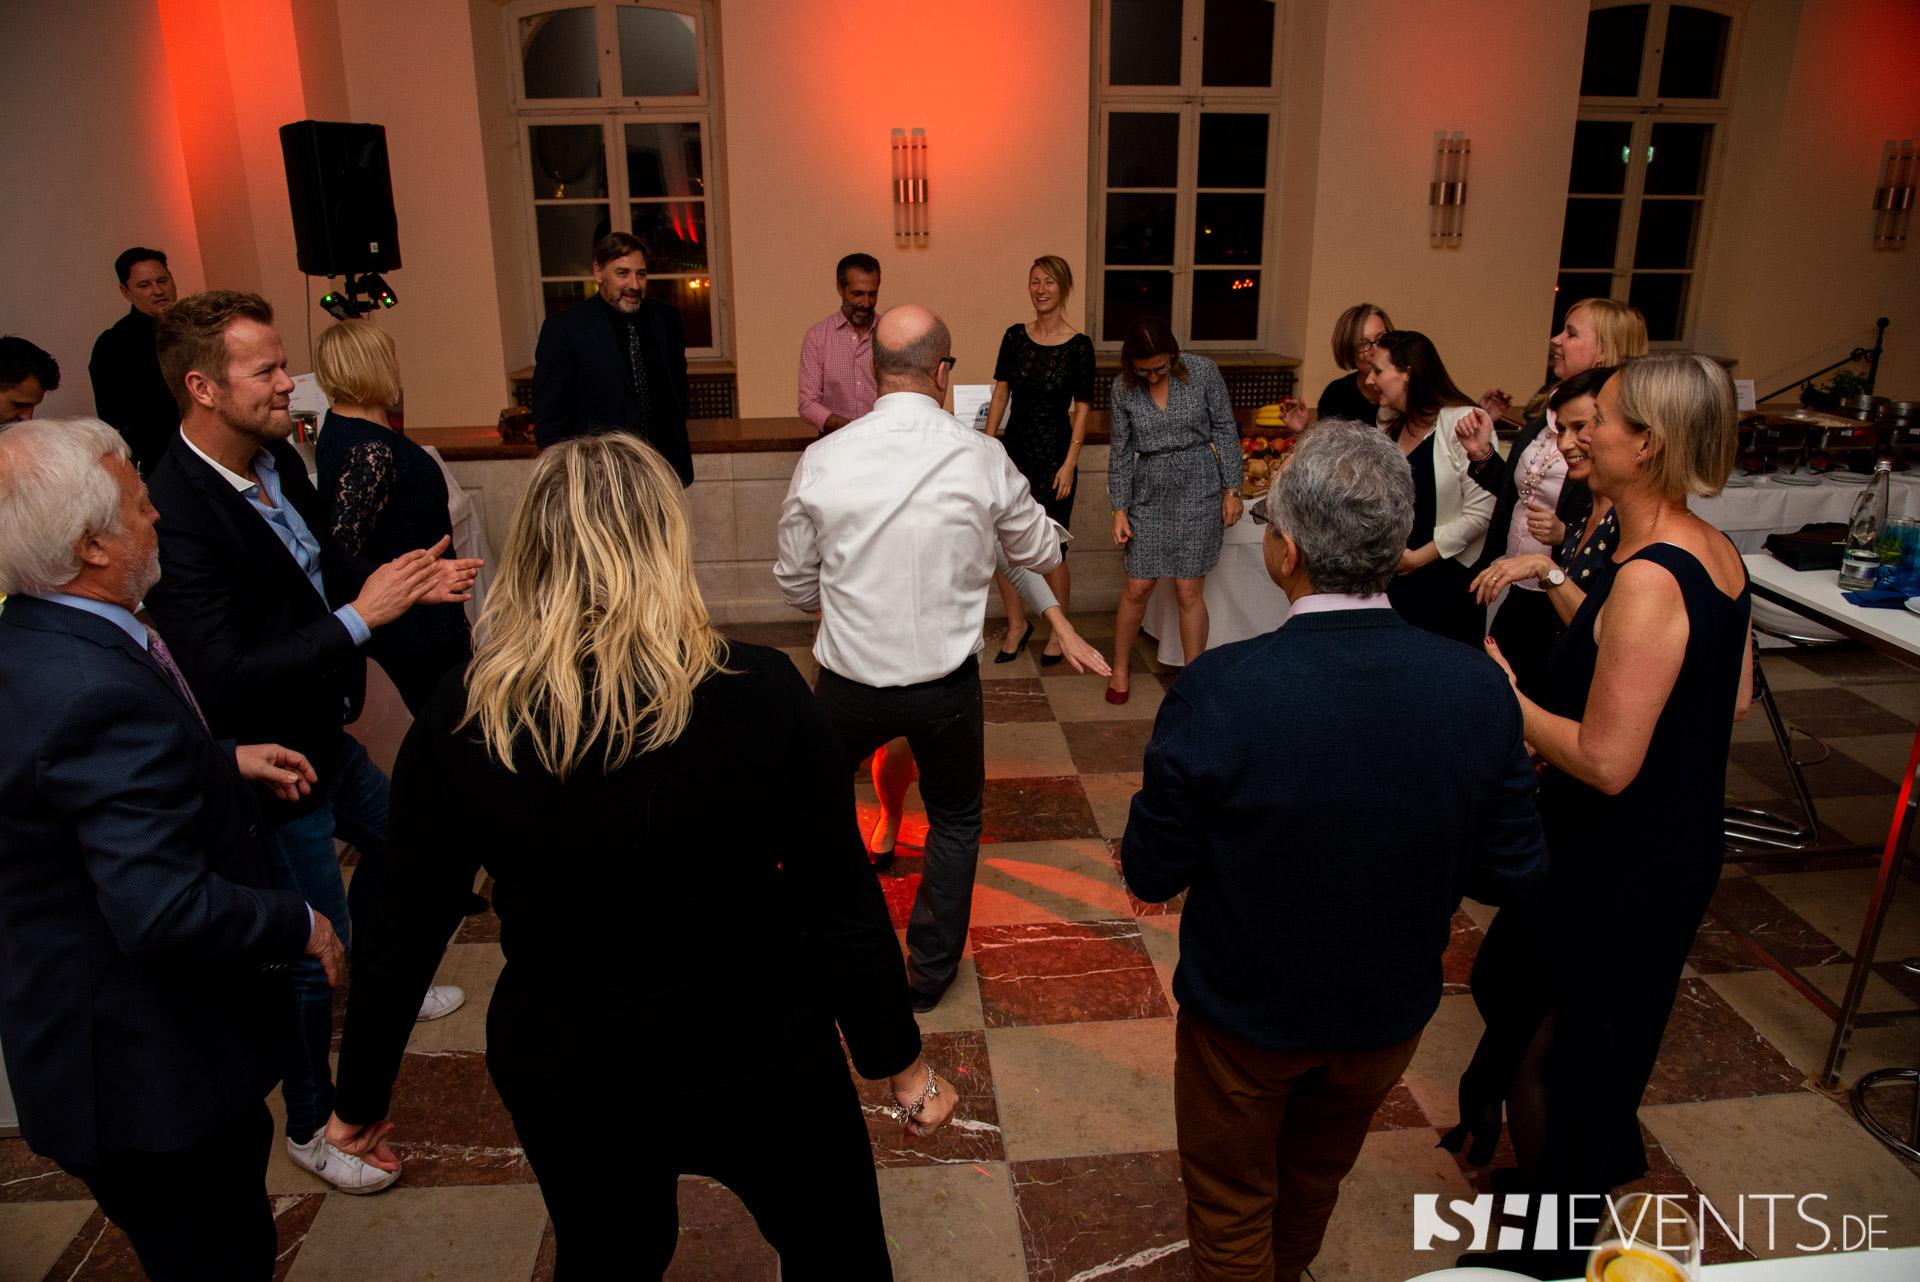 Tanzen auf dem Schlossevent